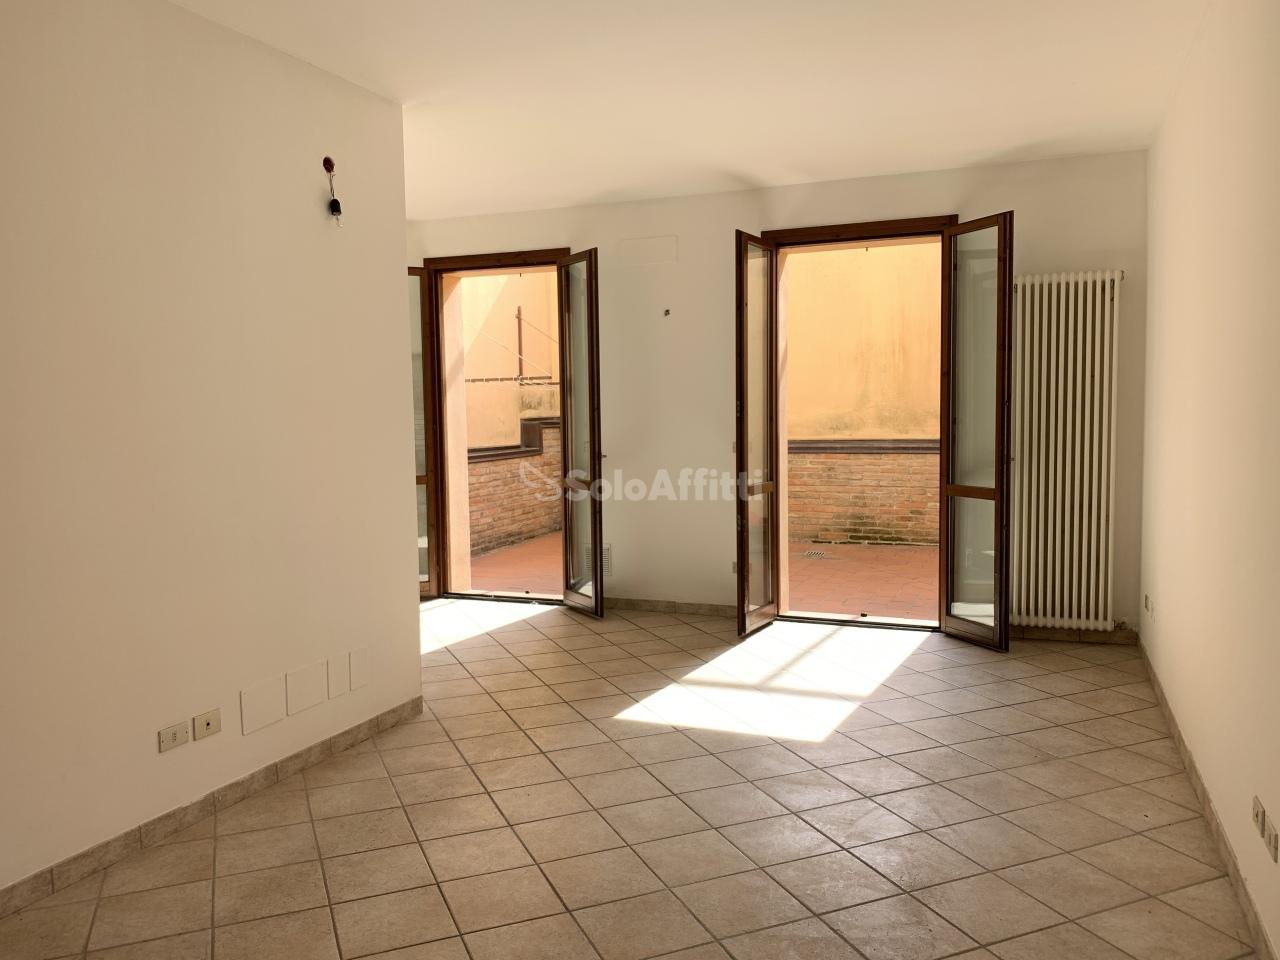 Foto 1 di Appartamento Viale Alessandro Meloni 1, Imola